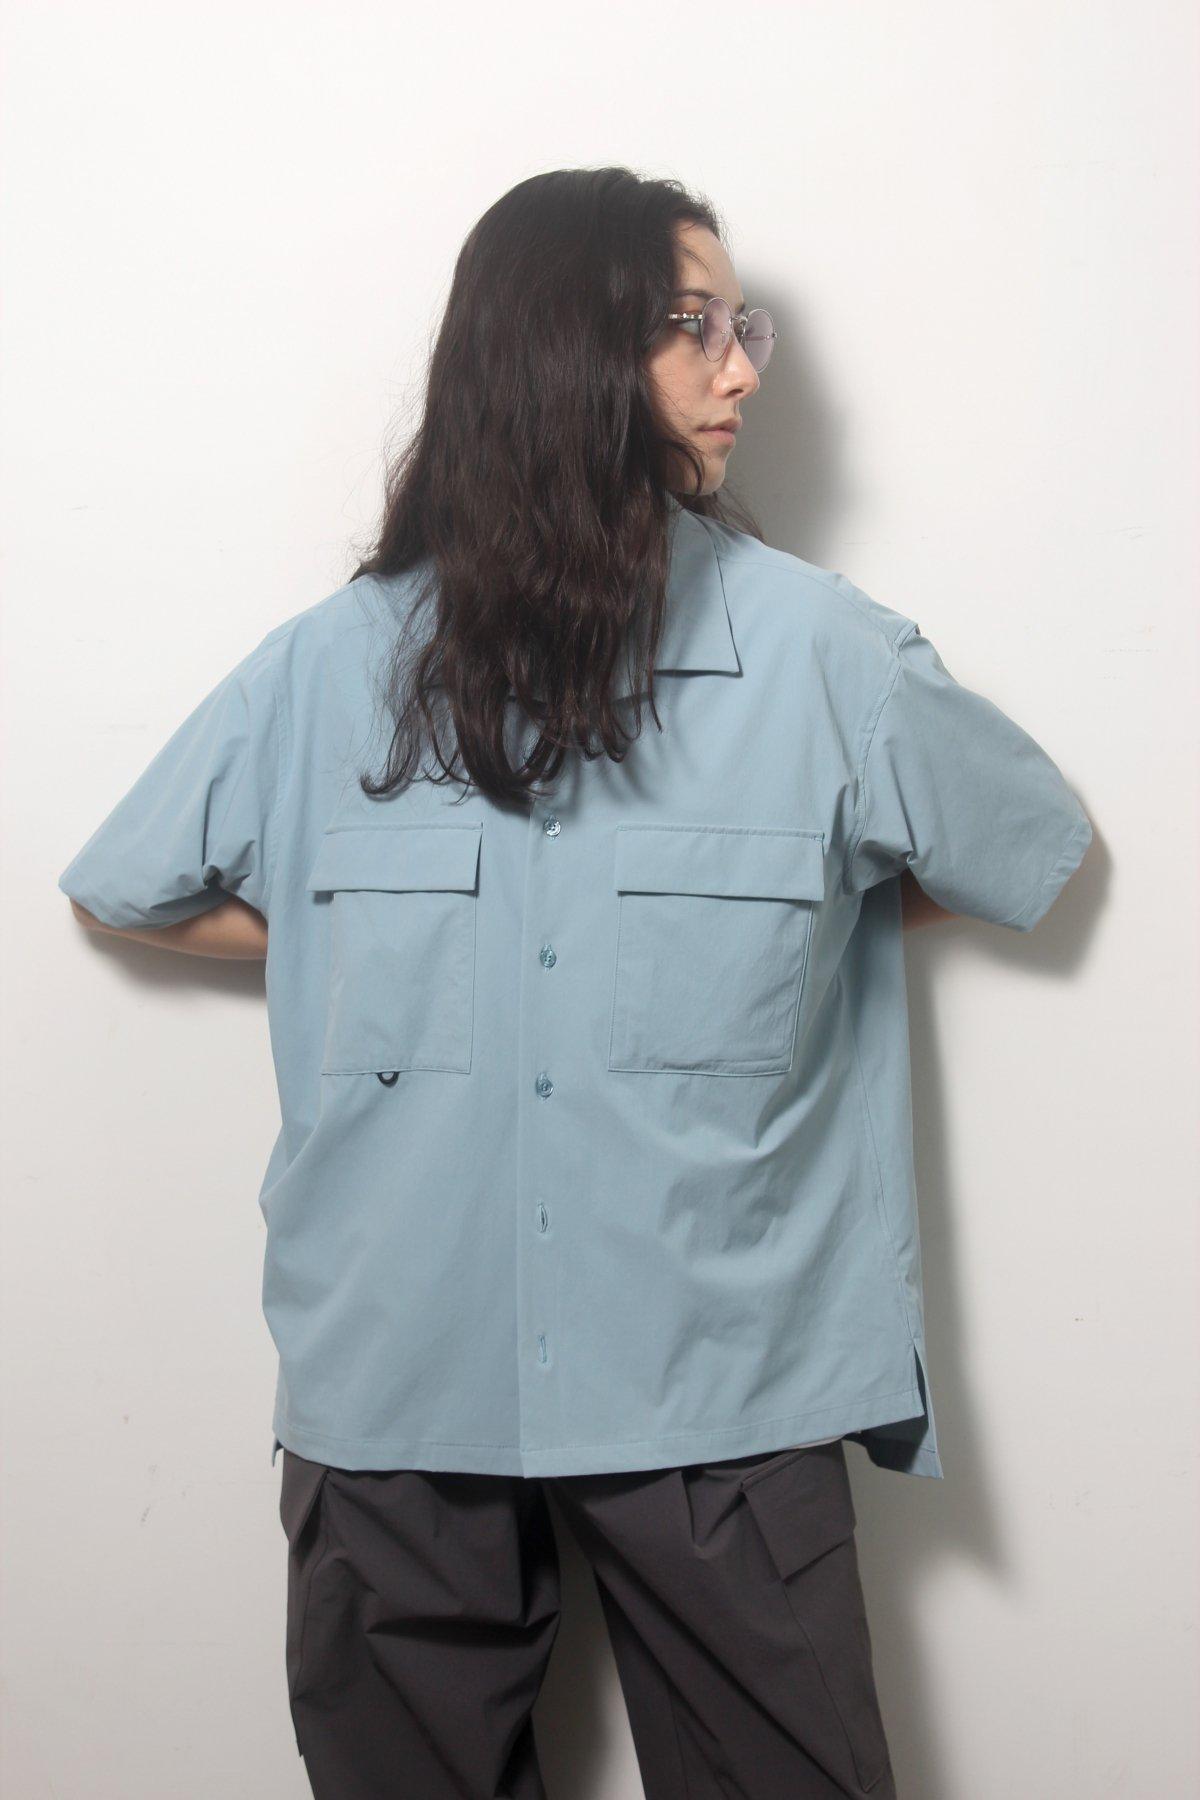 S/S W Pocket Shirts 詳細画像9